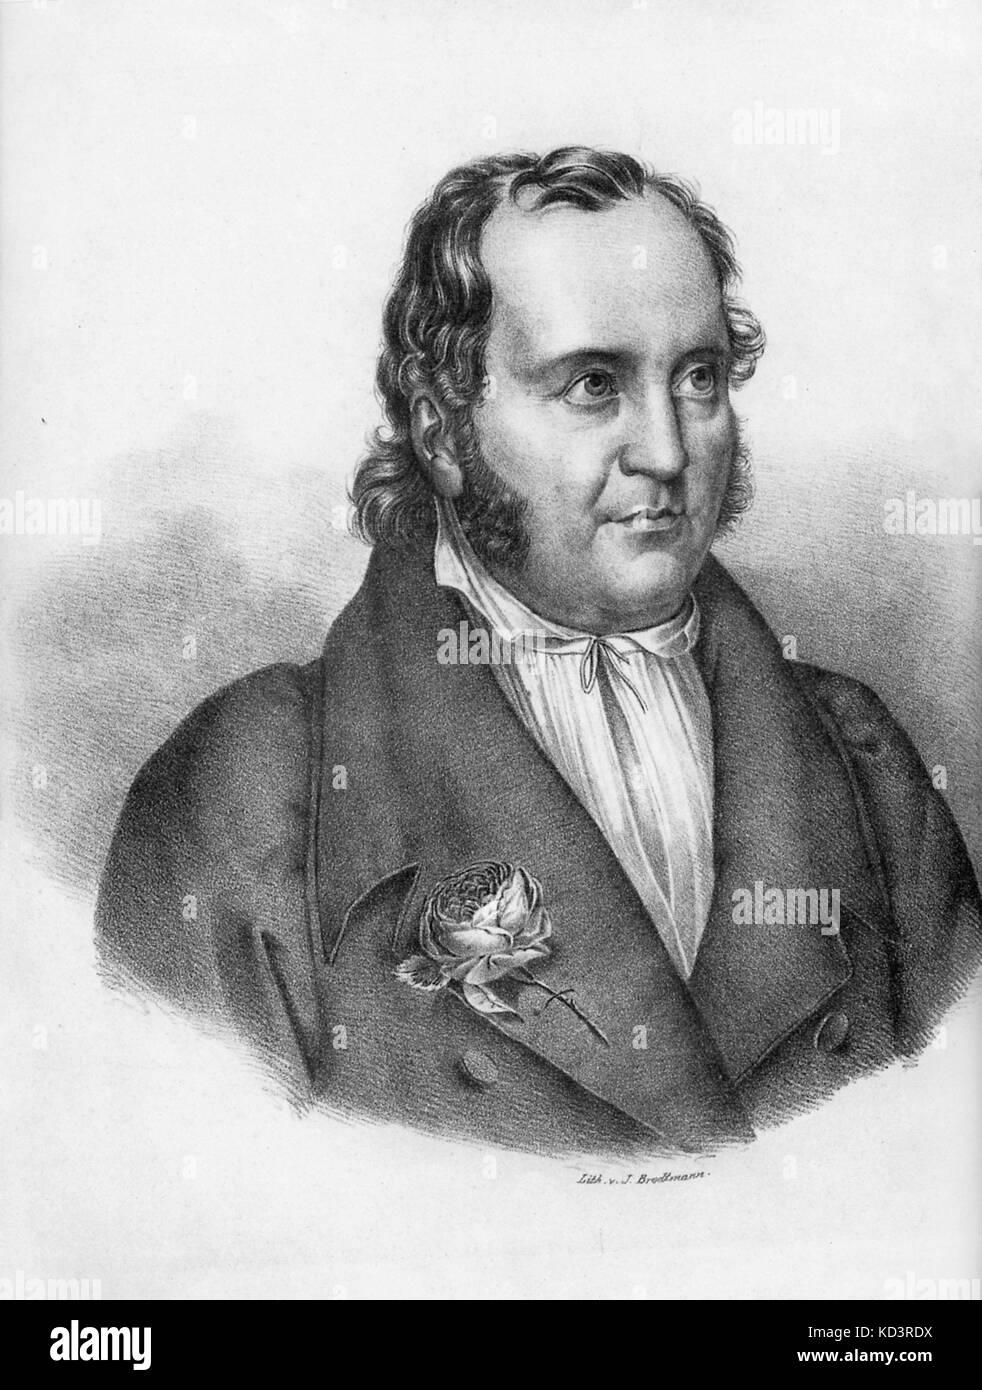 Johann Paul Friedrich Richter oder Jean Paul Johann Paul Friedrich Richter geboren. Deutscher Schriftsteller.  21. März 1763 – 14. November 1825 Stockfoto